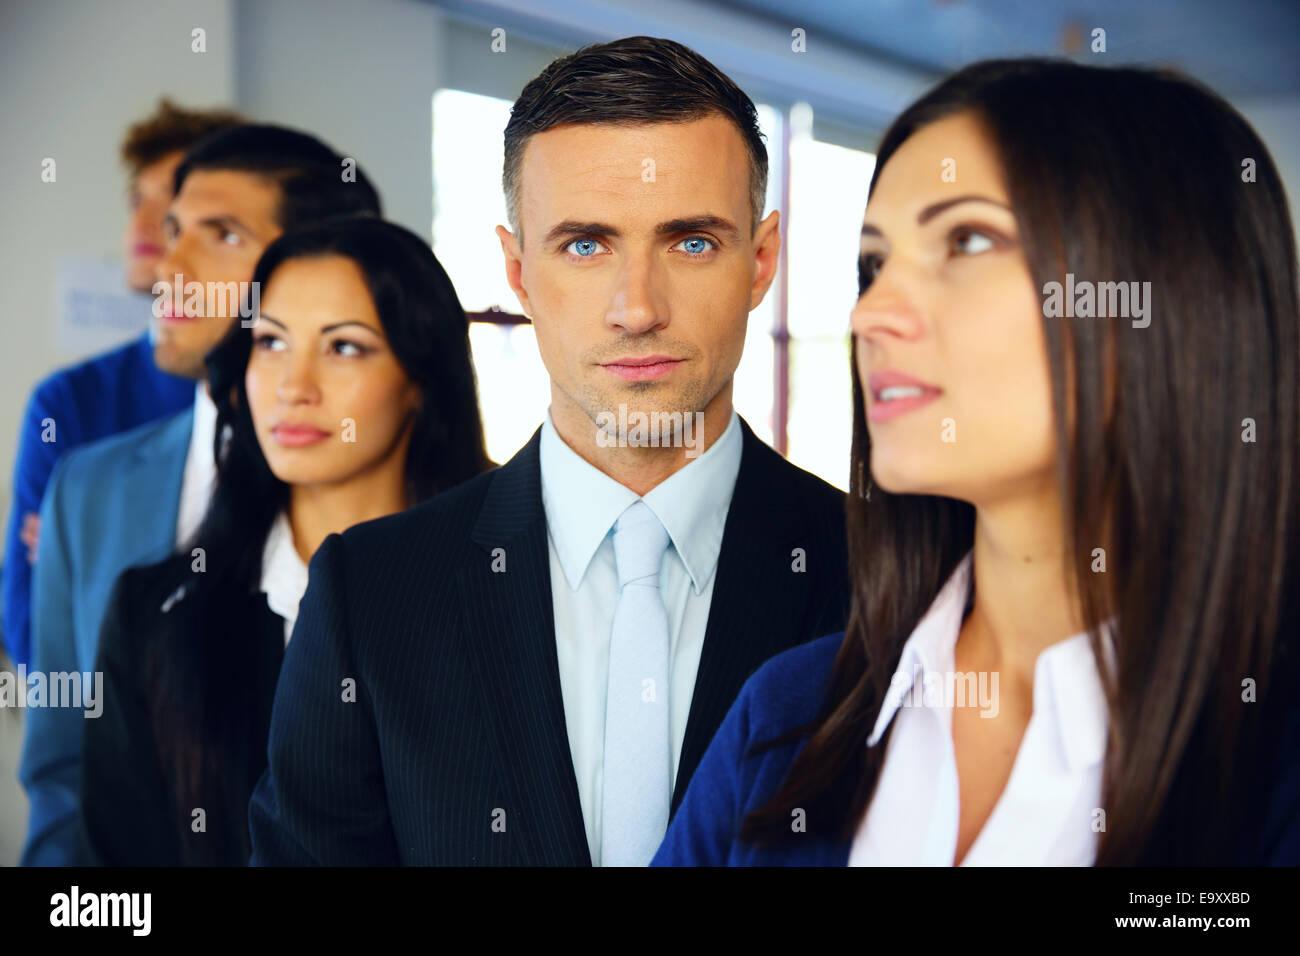 Gruppe von eine junge ernsthafte Geschäftsleute stehen hintereinander im Büro Stockbild